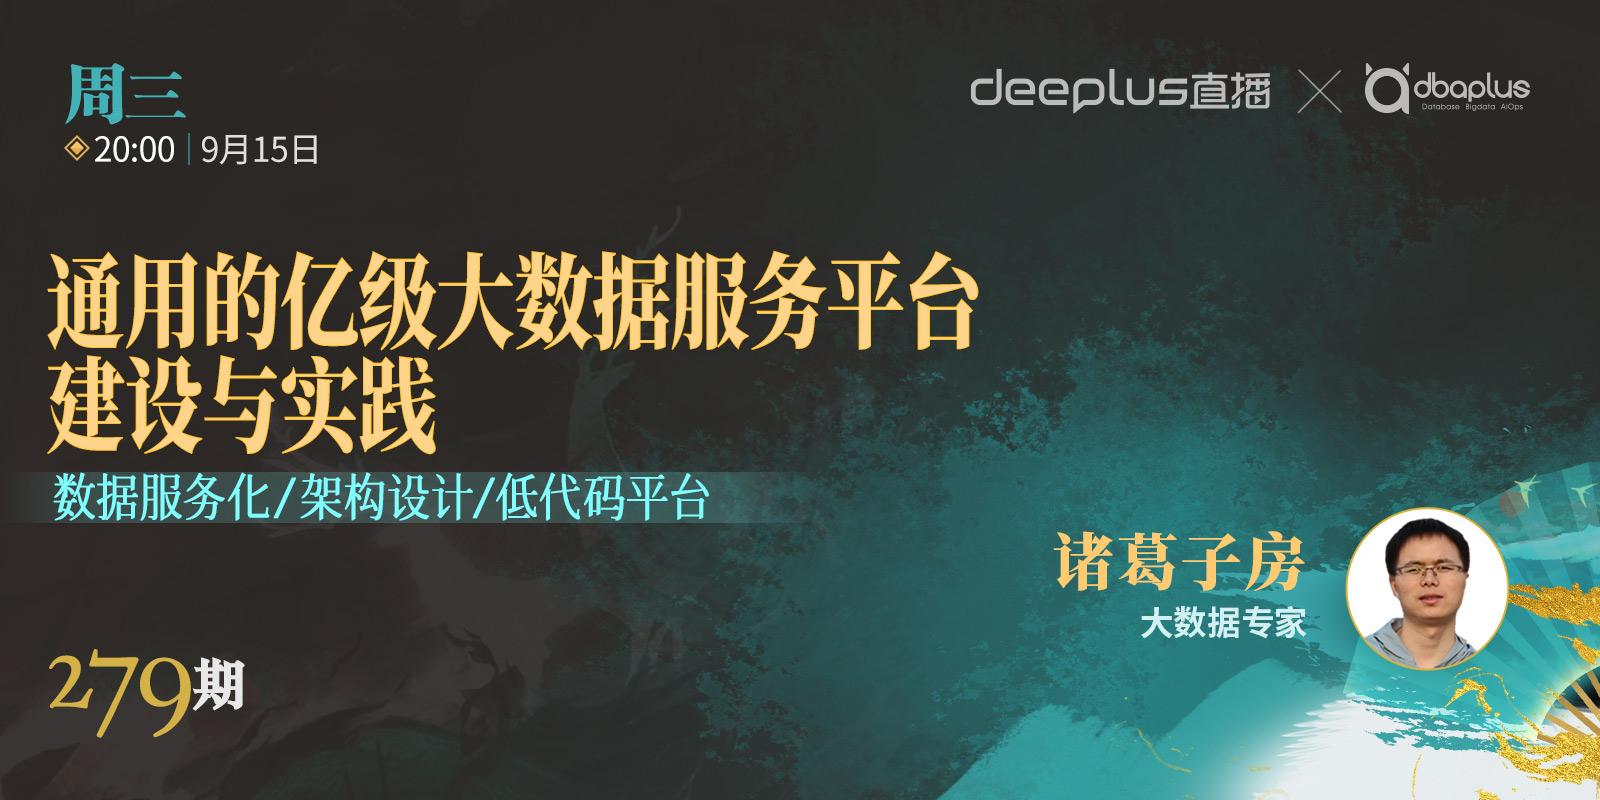 【dbaplus社群线上分享279期】通用的亿级大数据服务平台建设与实践